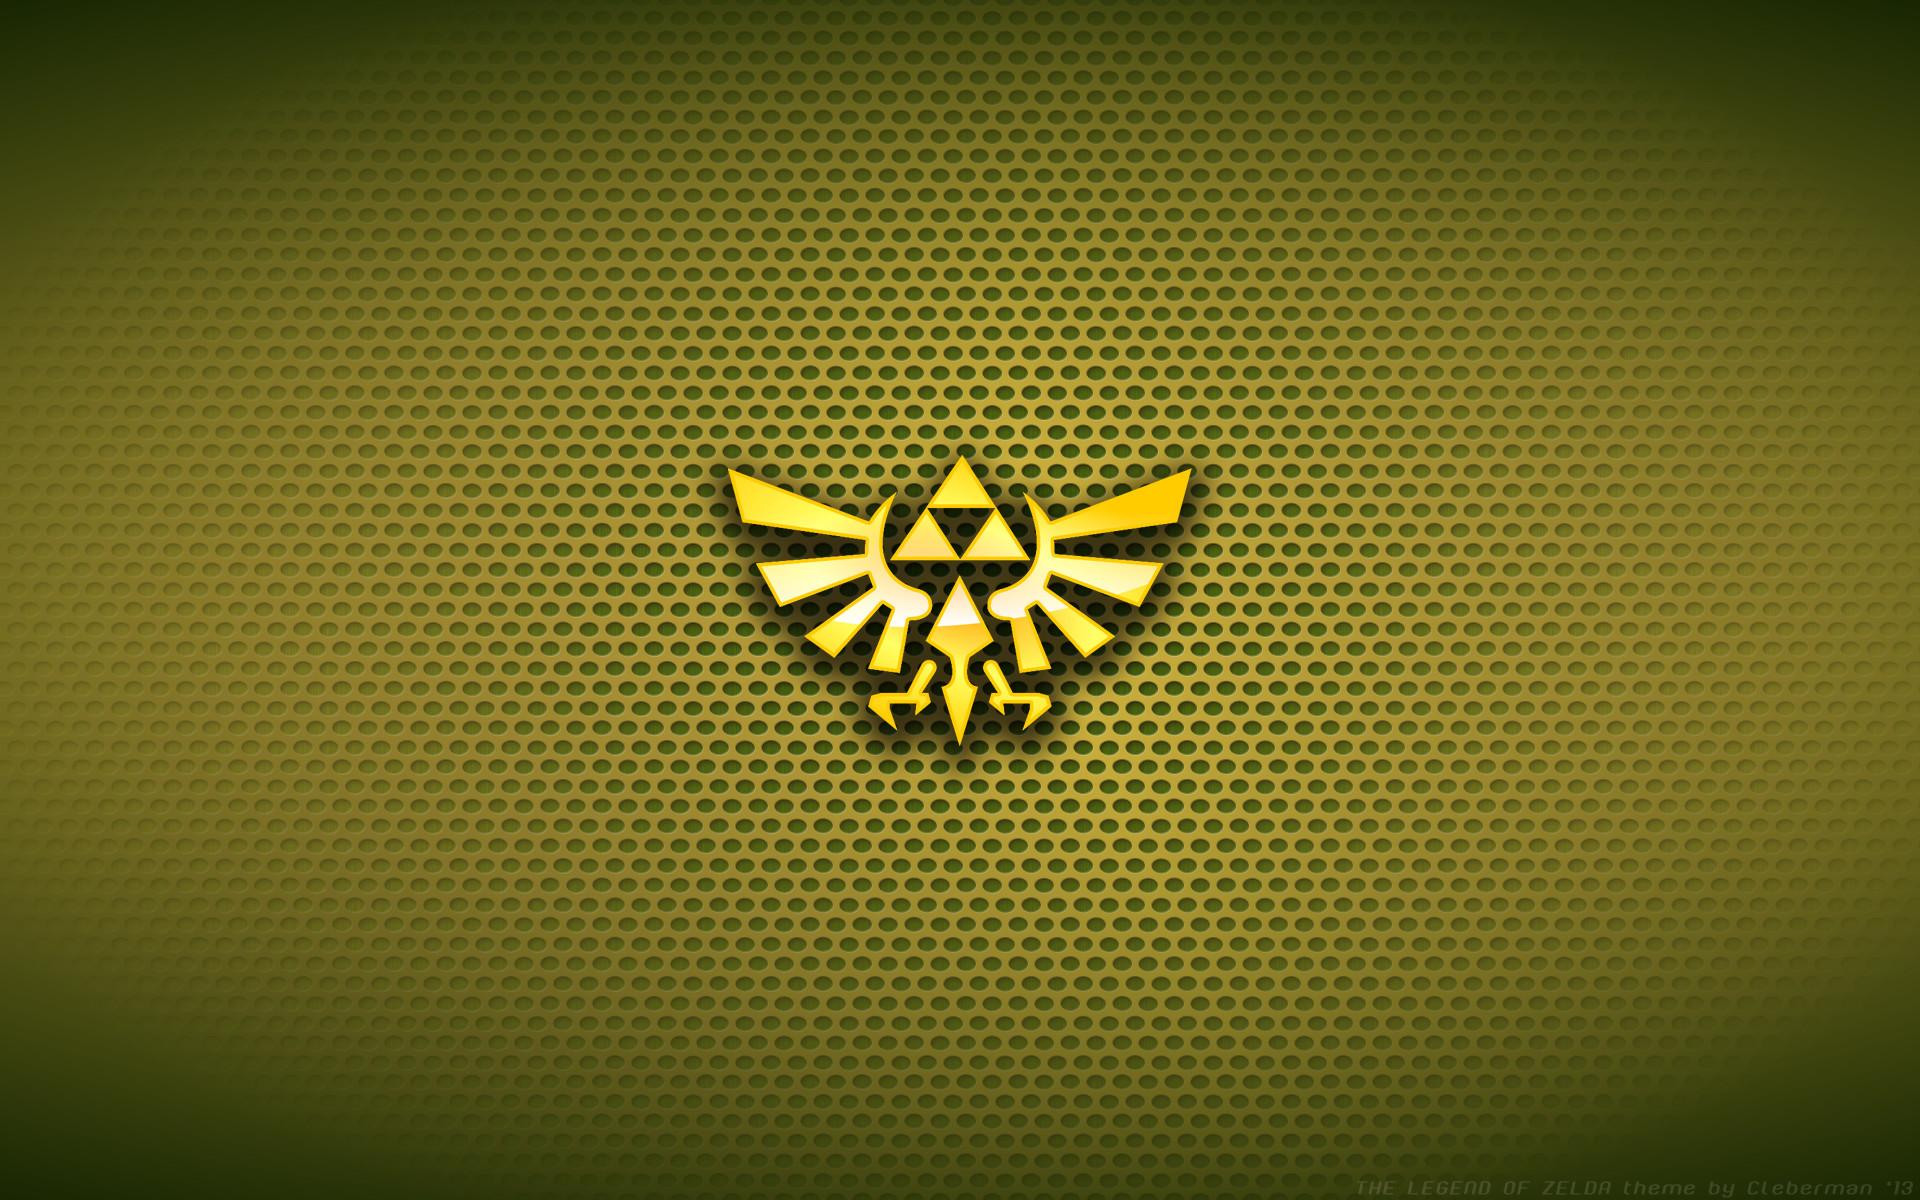 The Legend Of Zelda Widescreen Wallpaper